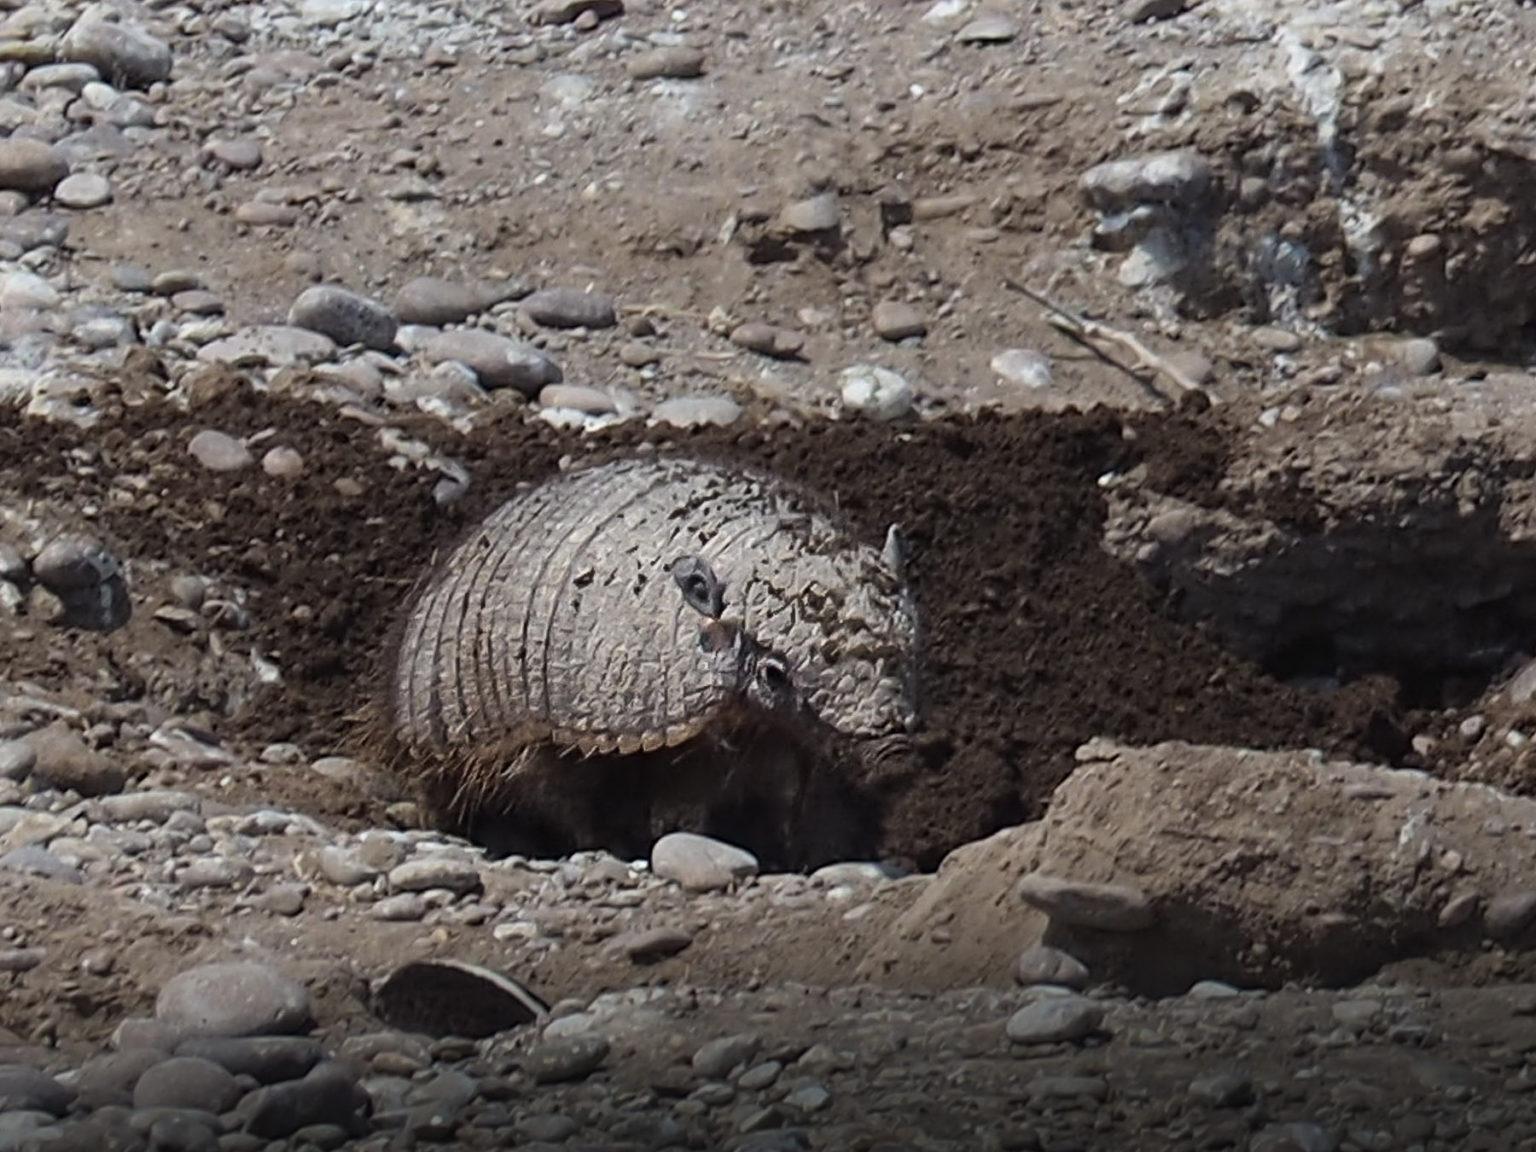 Hier hat sich ein Gürteltier in einer verlassenen Pinguinhöhle eingenistet